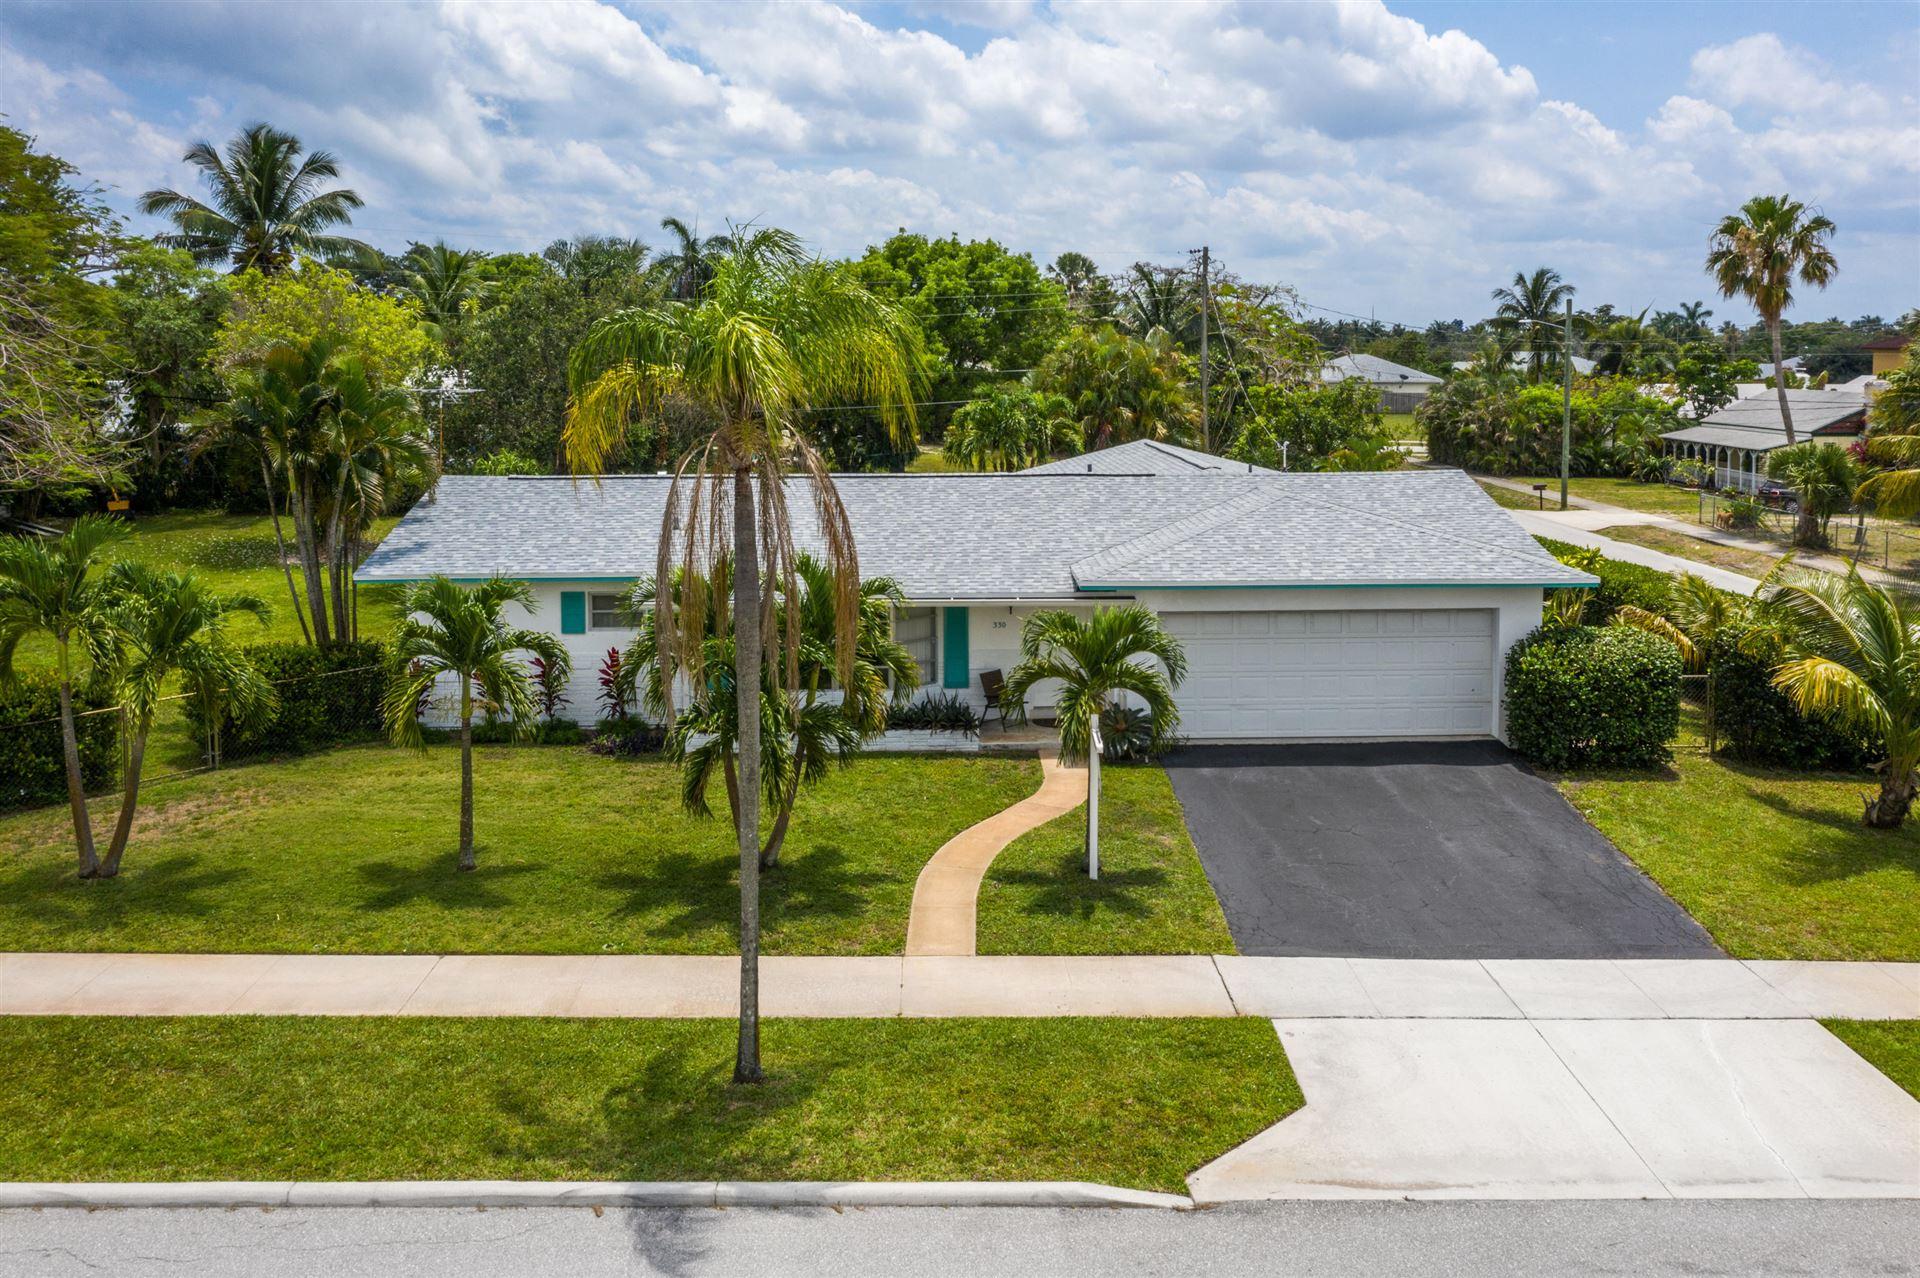 Photo of 330 W Ocean Avenue, Boynton Beach, FL 33435 (MLS # RX-10715375)